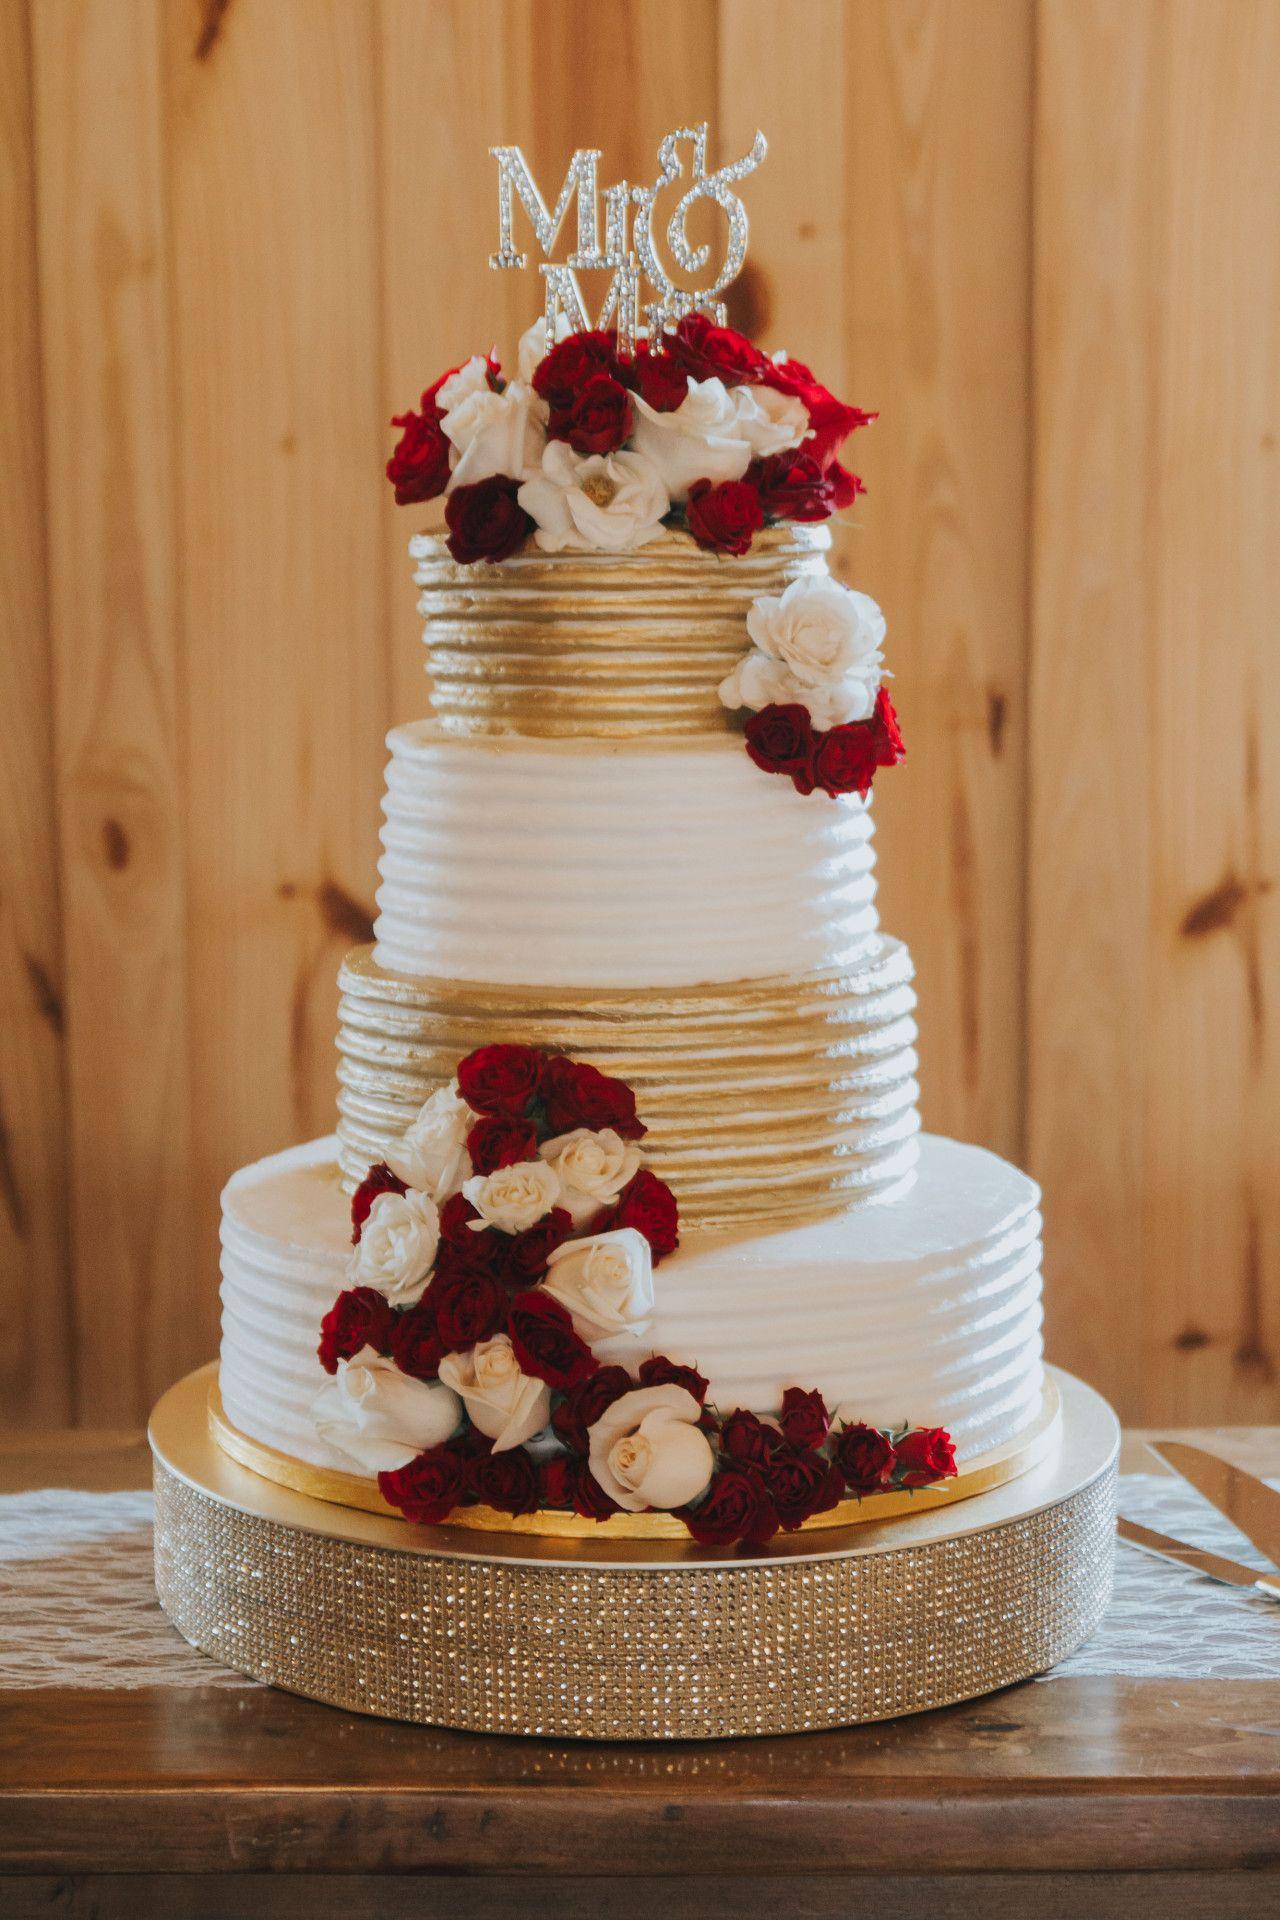 Oklahoma City Wedding Venue In Edmond In 2019 Wedding S Wedding